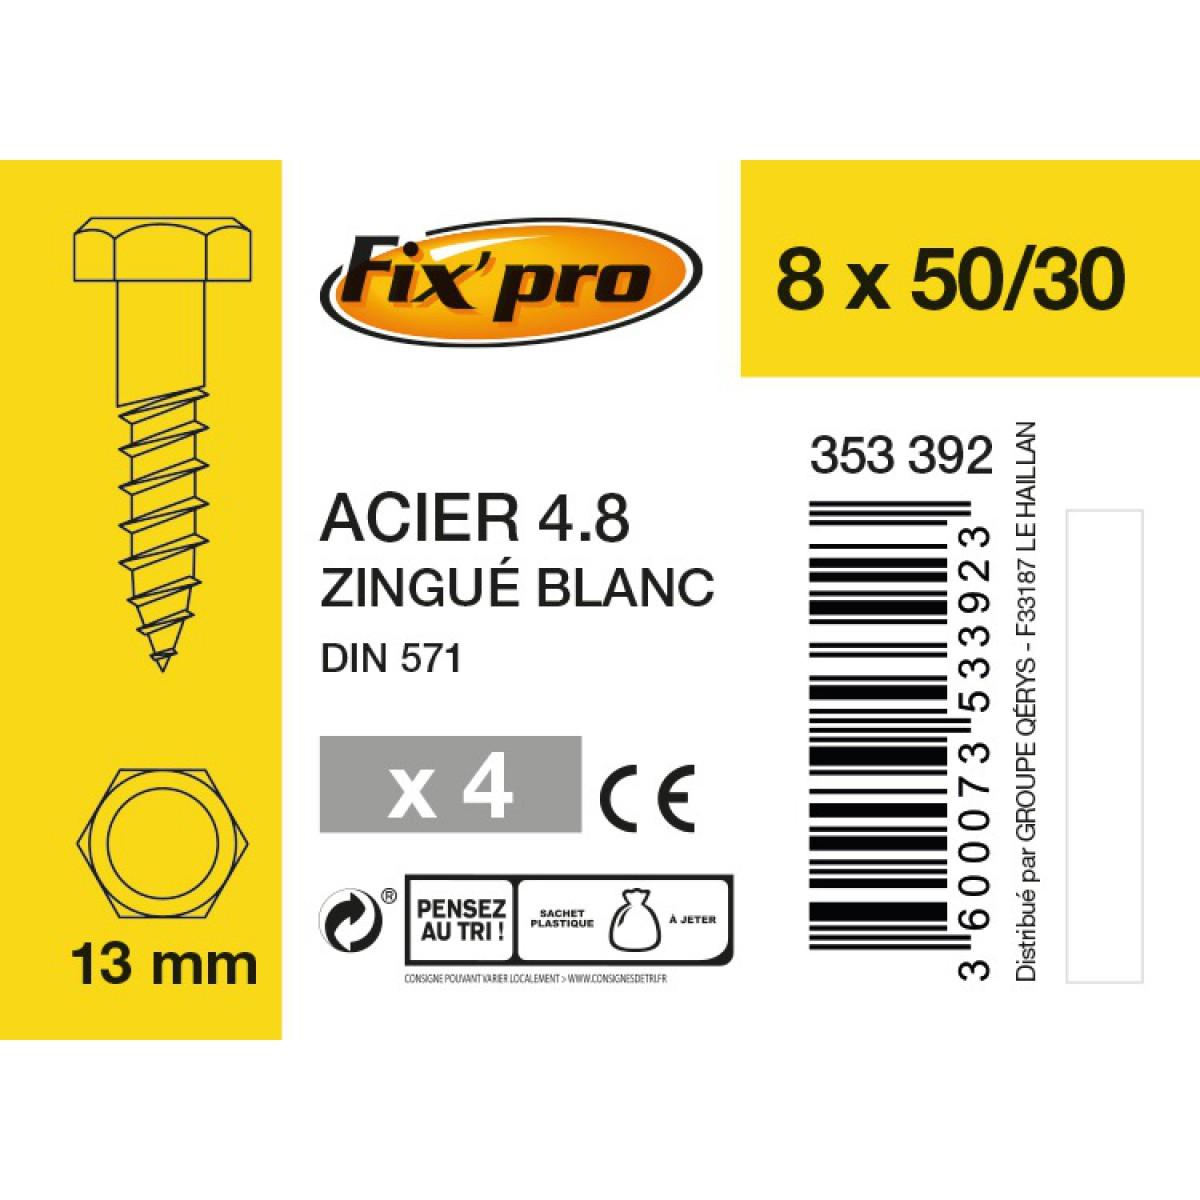 Tirefond tête hexagonale acier zingué - 8x50/30 - 4pces - Fixpro